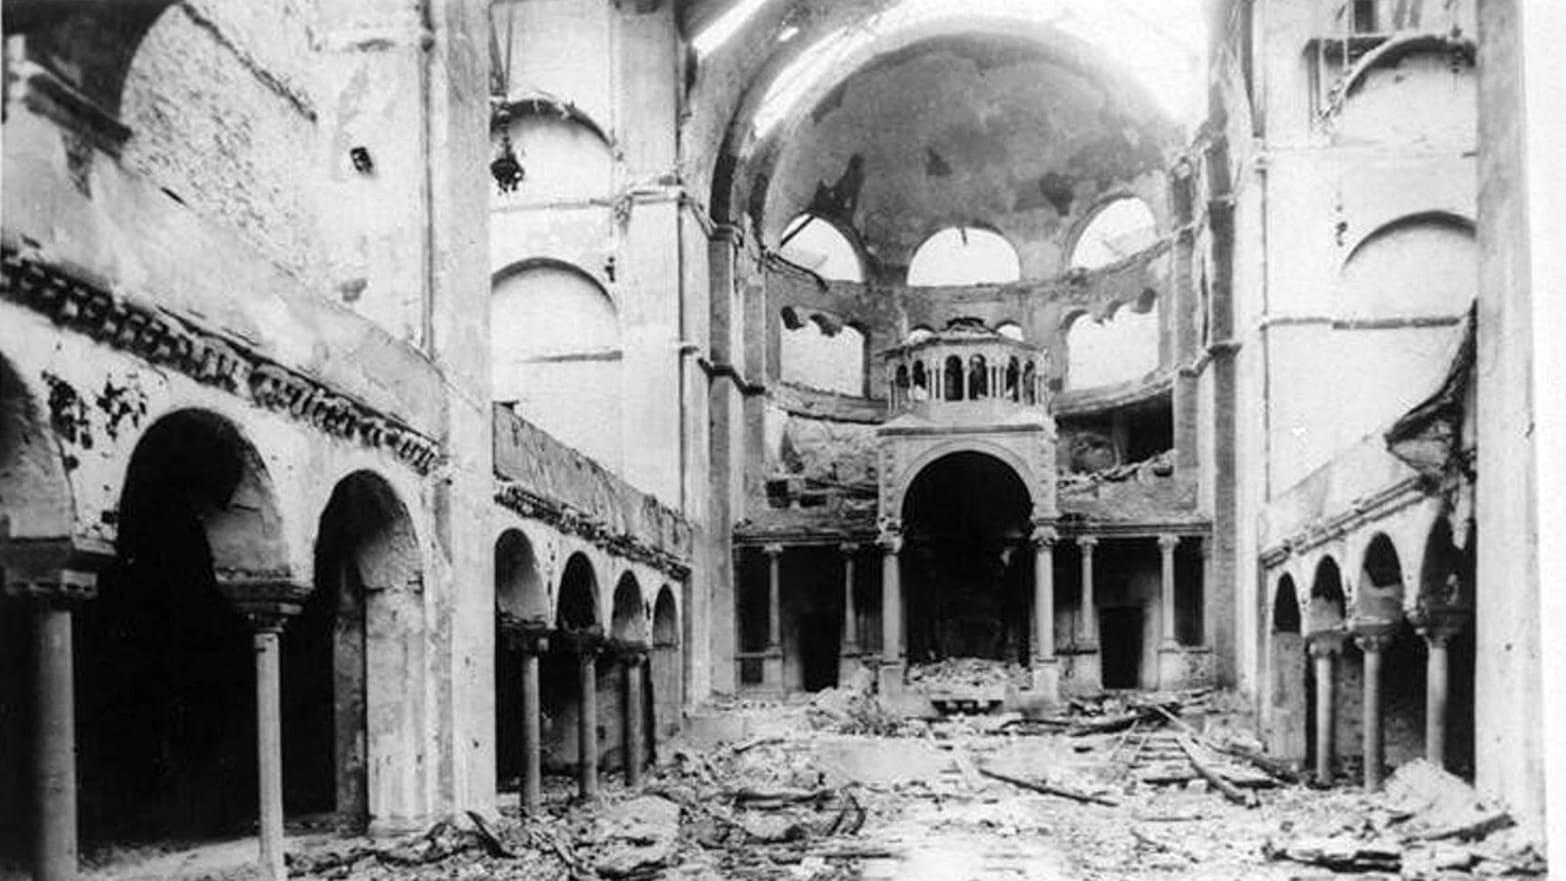 A Jewish Child And A Nazi Child Remember Kristallnacht